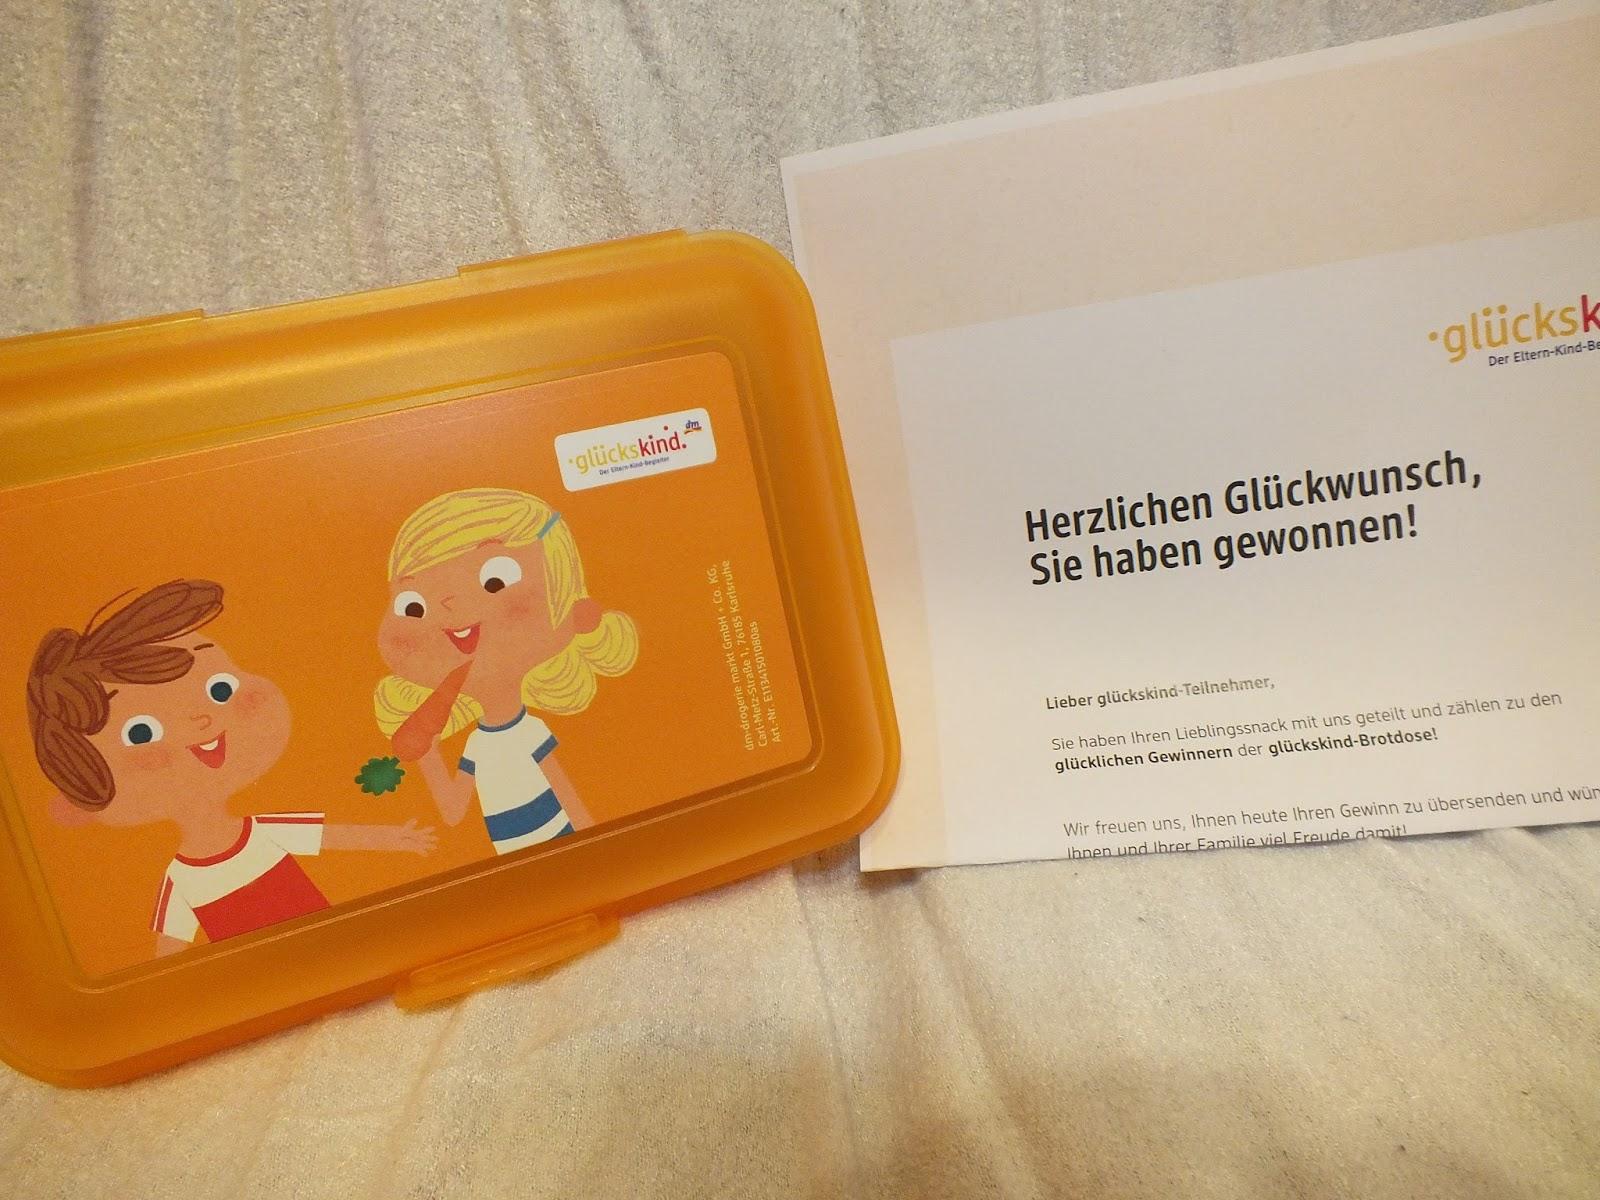 Schön Brotdose Mit Foto Design